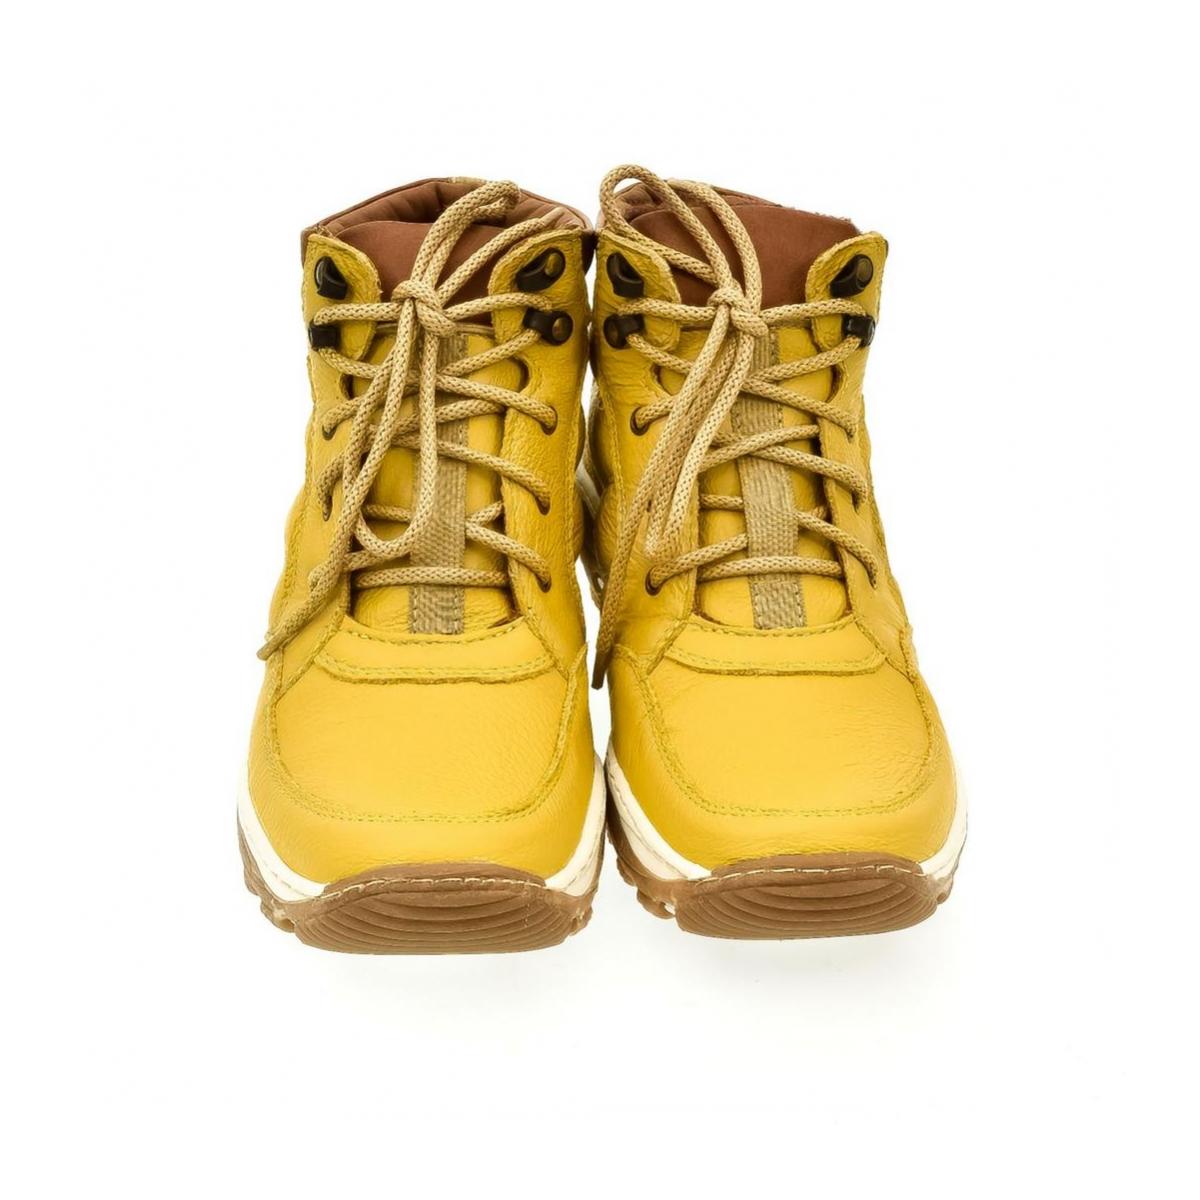 b7519bdaa67b Pánske žlté kožené topánky CANO - 2